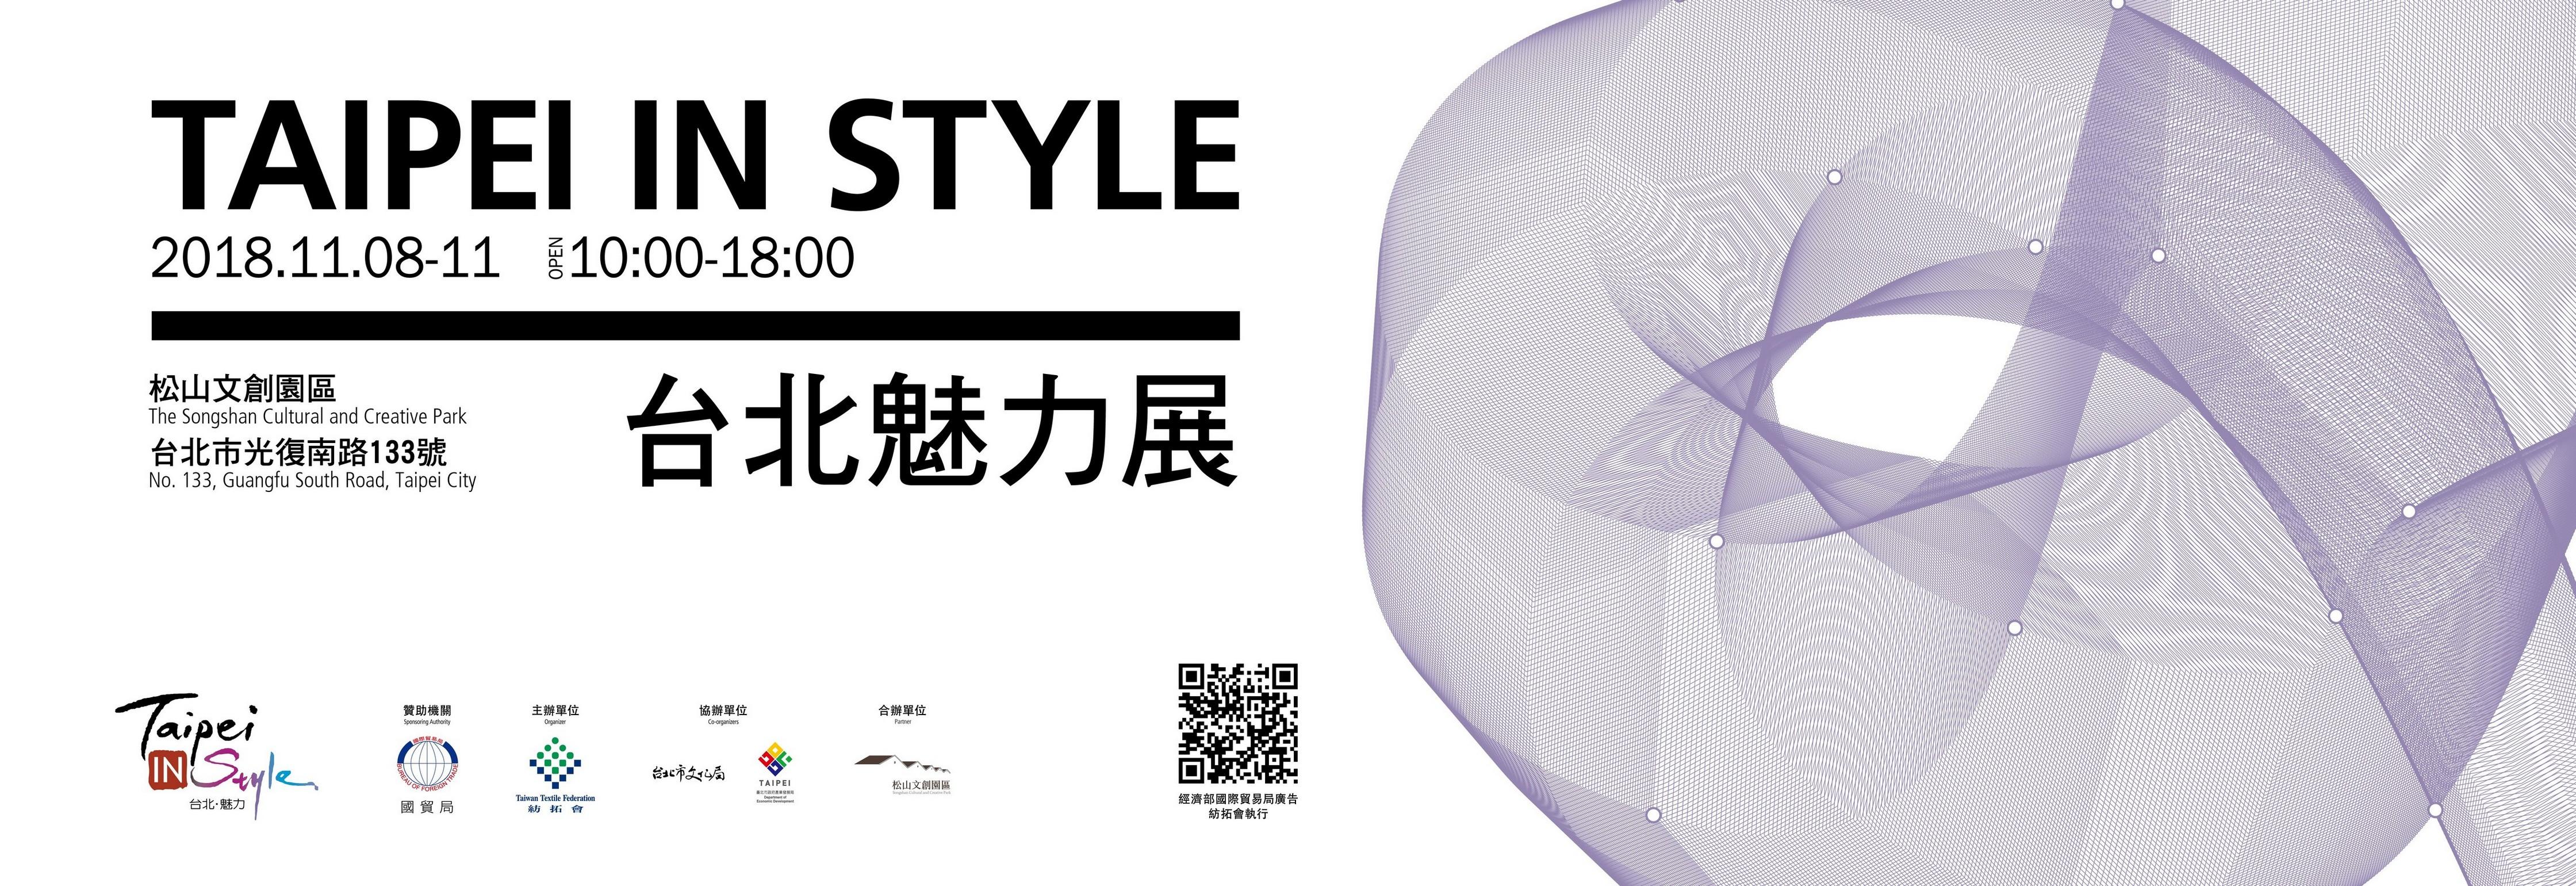 台湾発 ファッション展示会 taipei in style が11月8日から11日まで